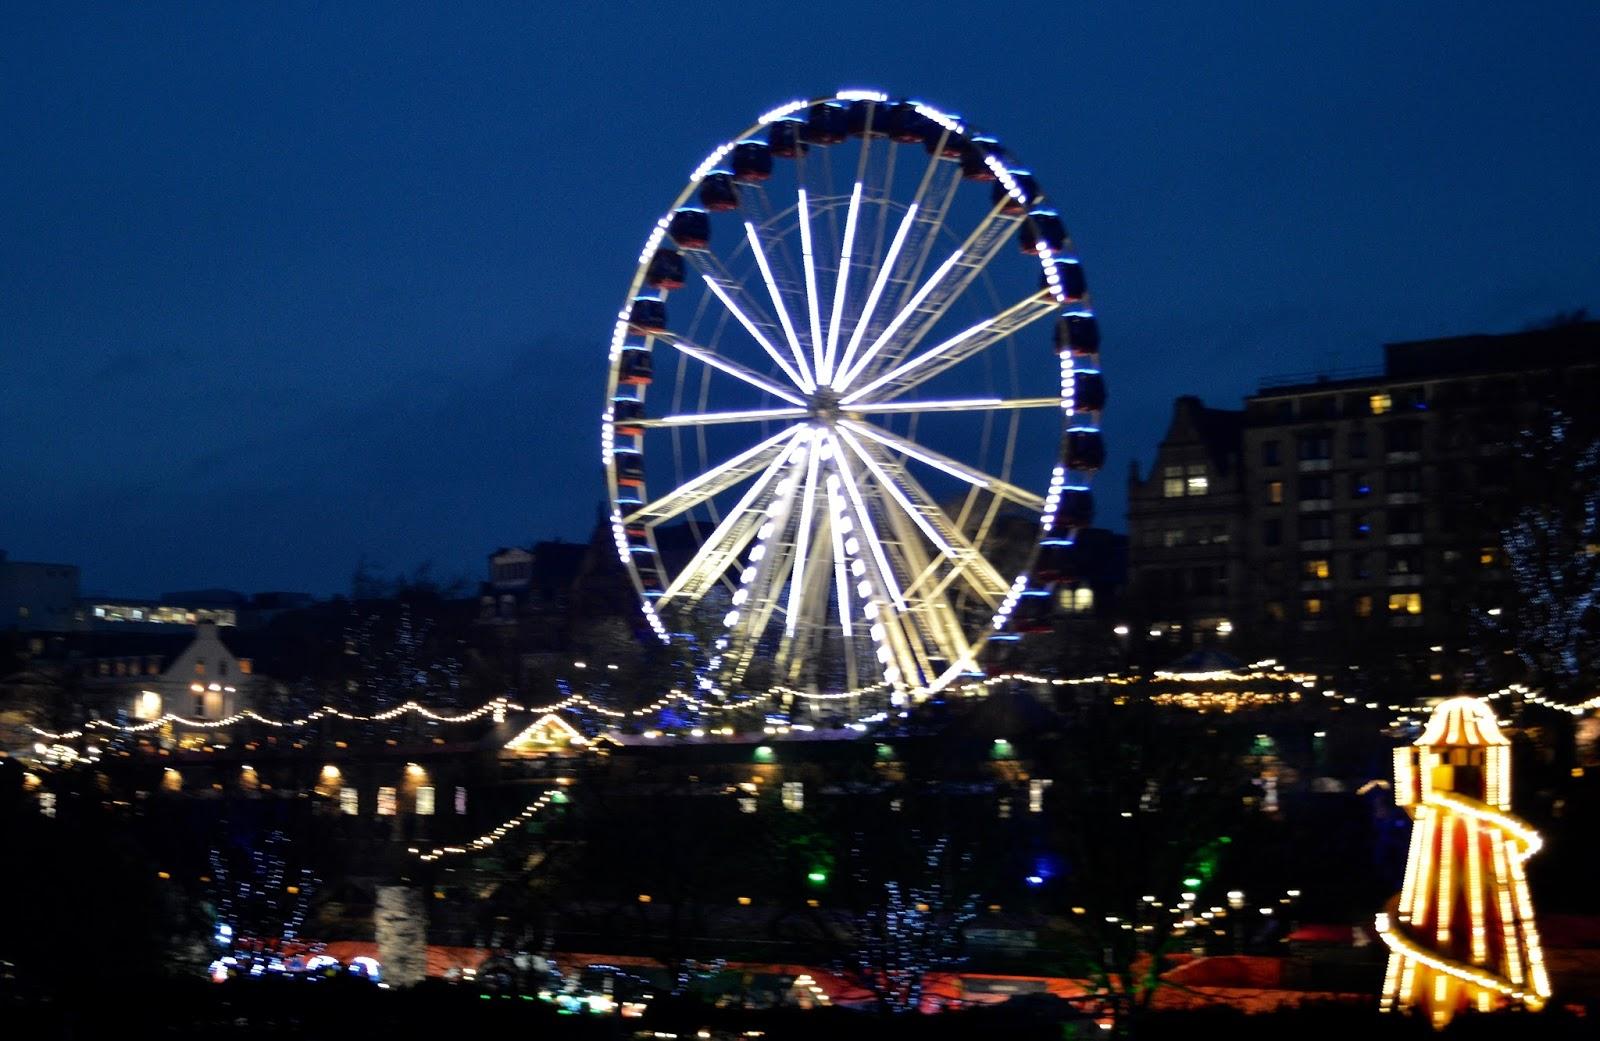 10 Reasons to Visit Edinburgh in December - Ferris Wheel